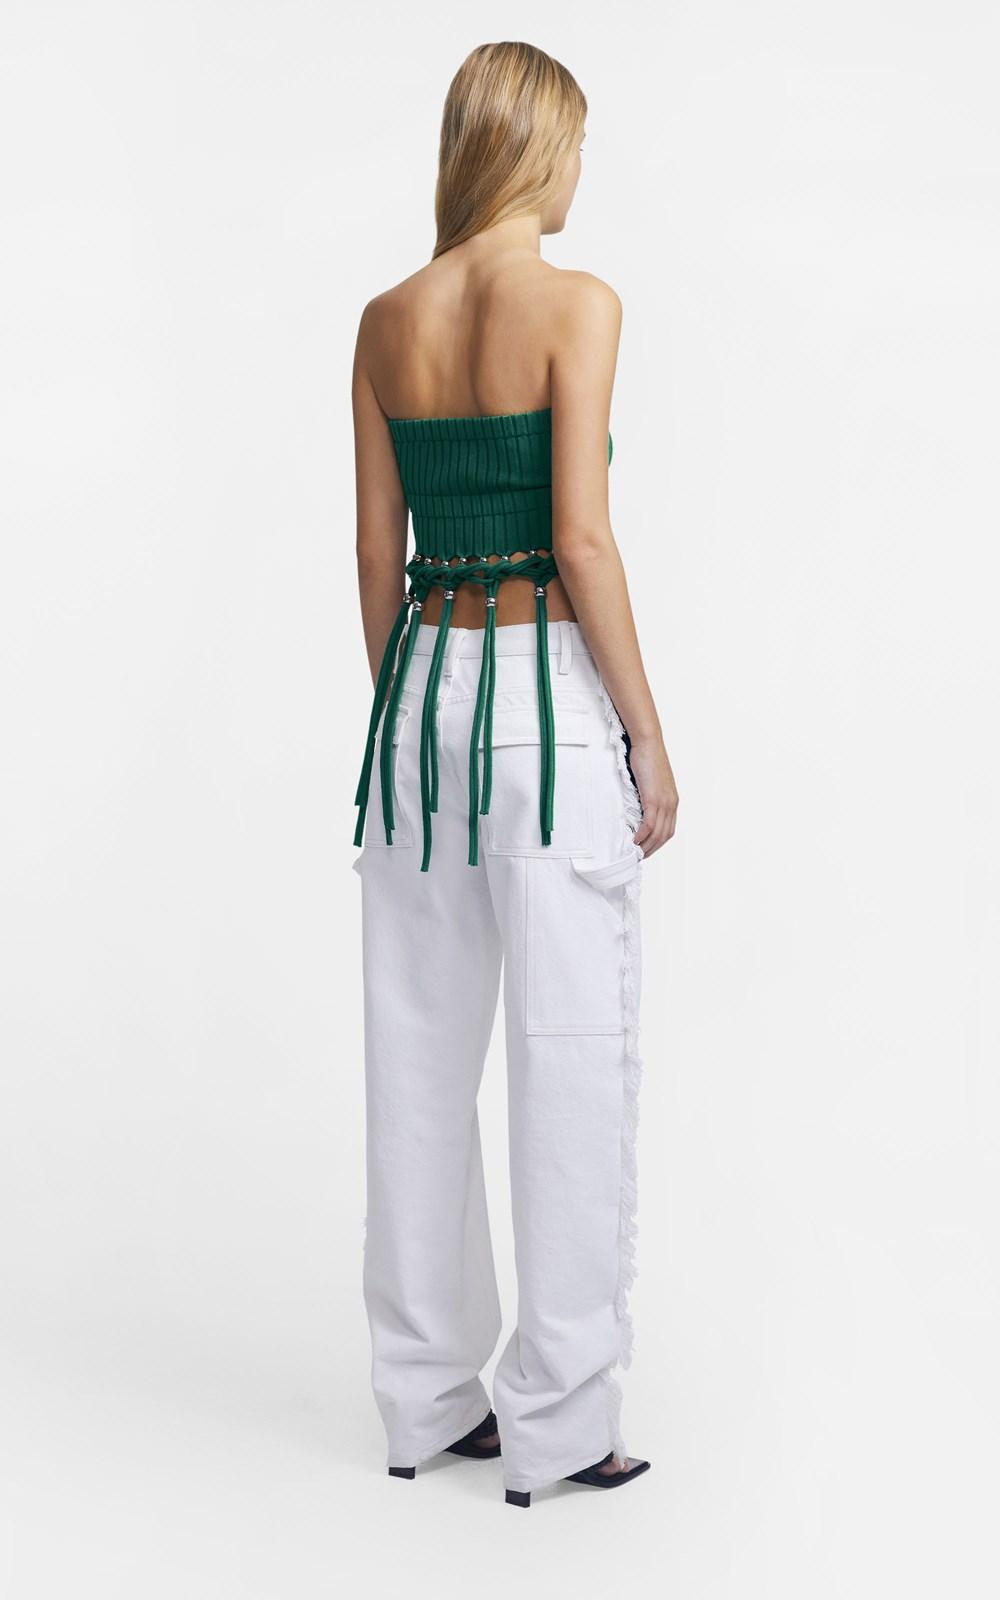 Knitwear | BEADED FRINGE TUBE TOP